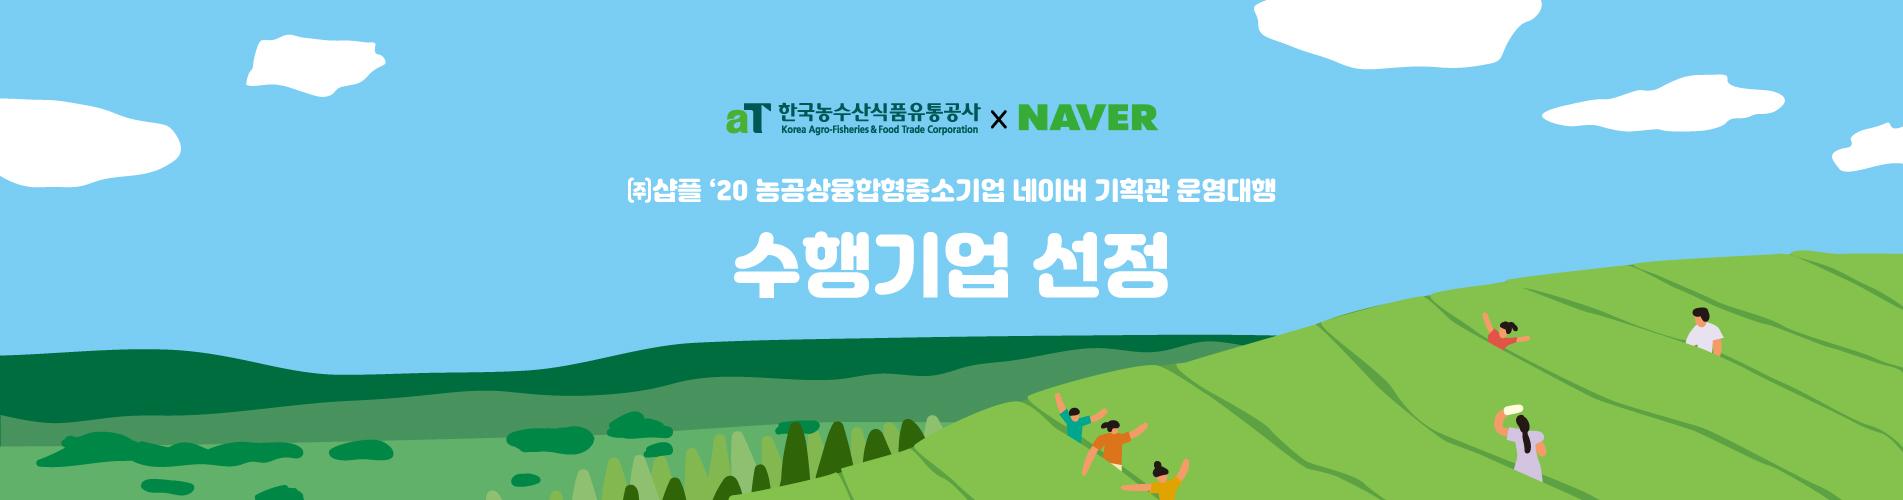 메인배너4-농공상융합형중소기업 네이버 기획관 운영대행 수행기관 선정